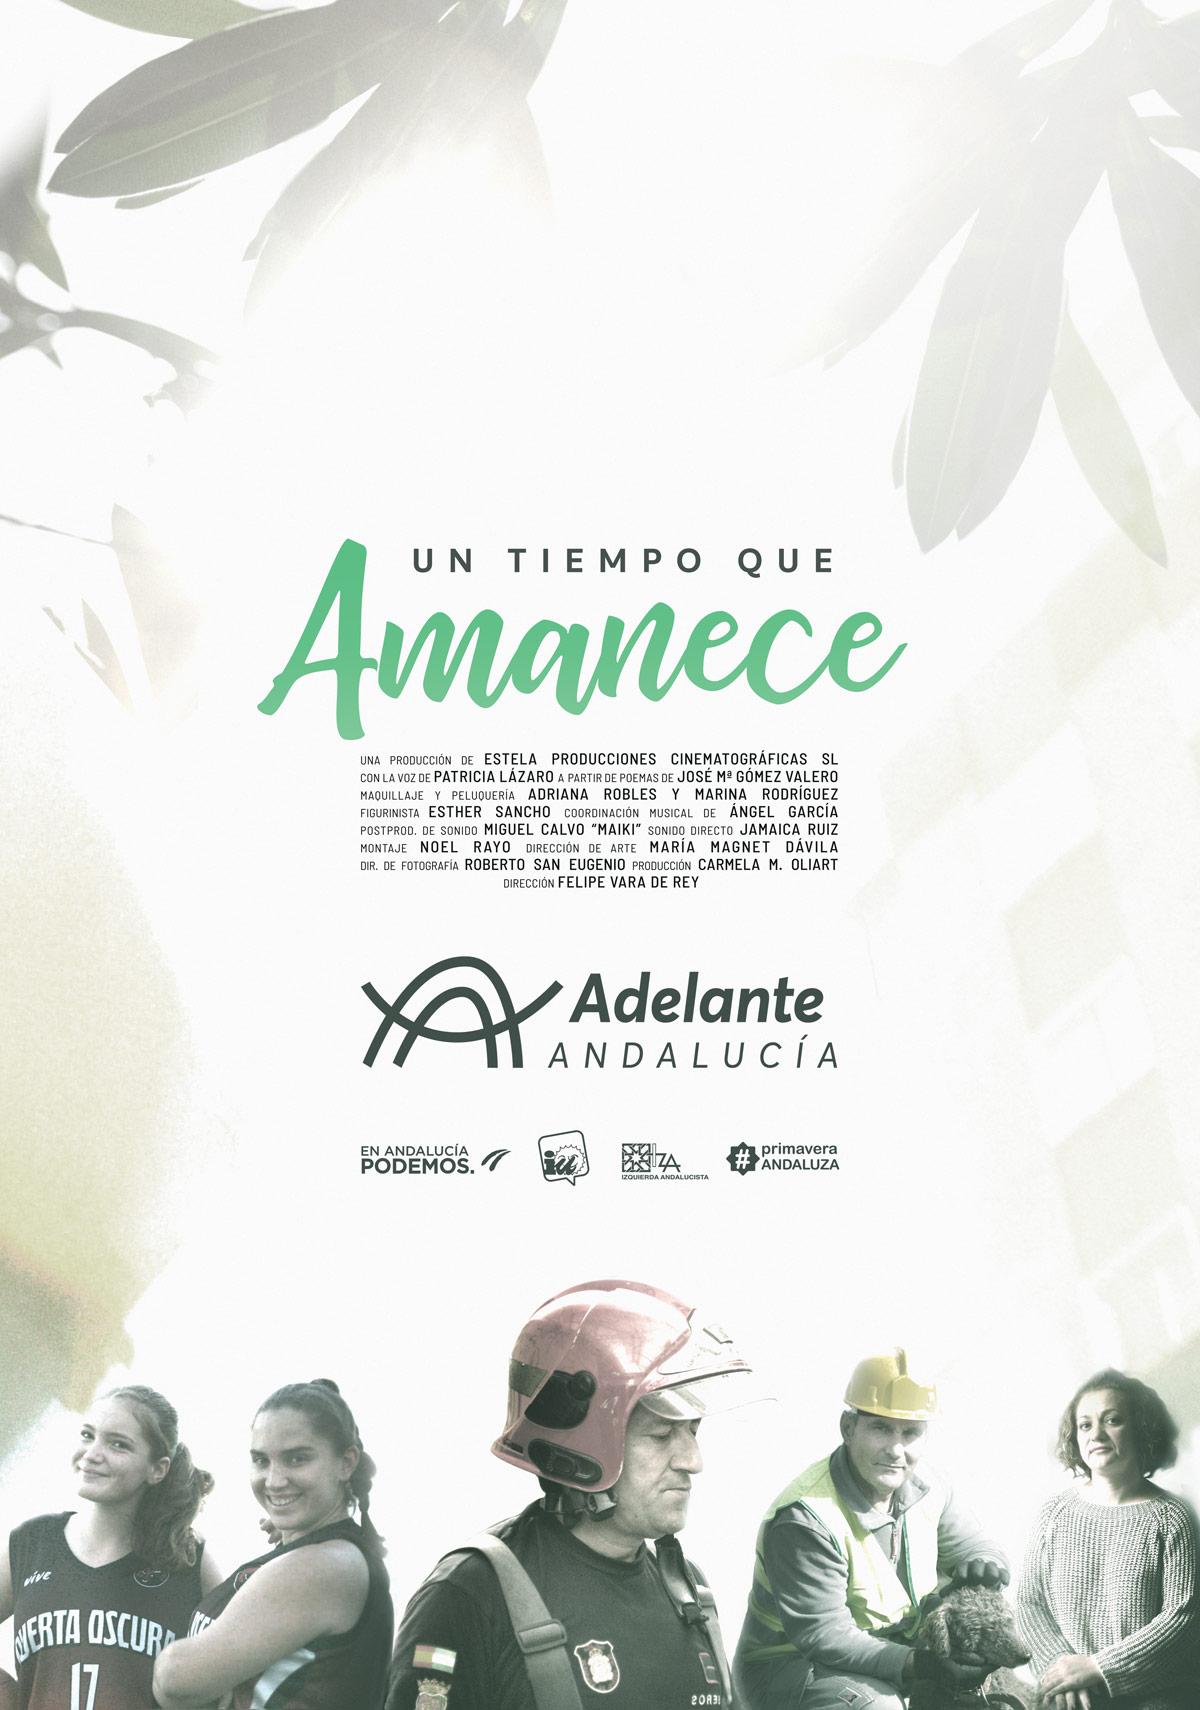 Un_tiempo_que_amanece_Cartel_WEB.jpg